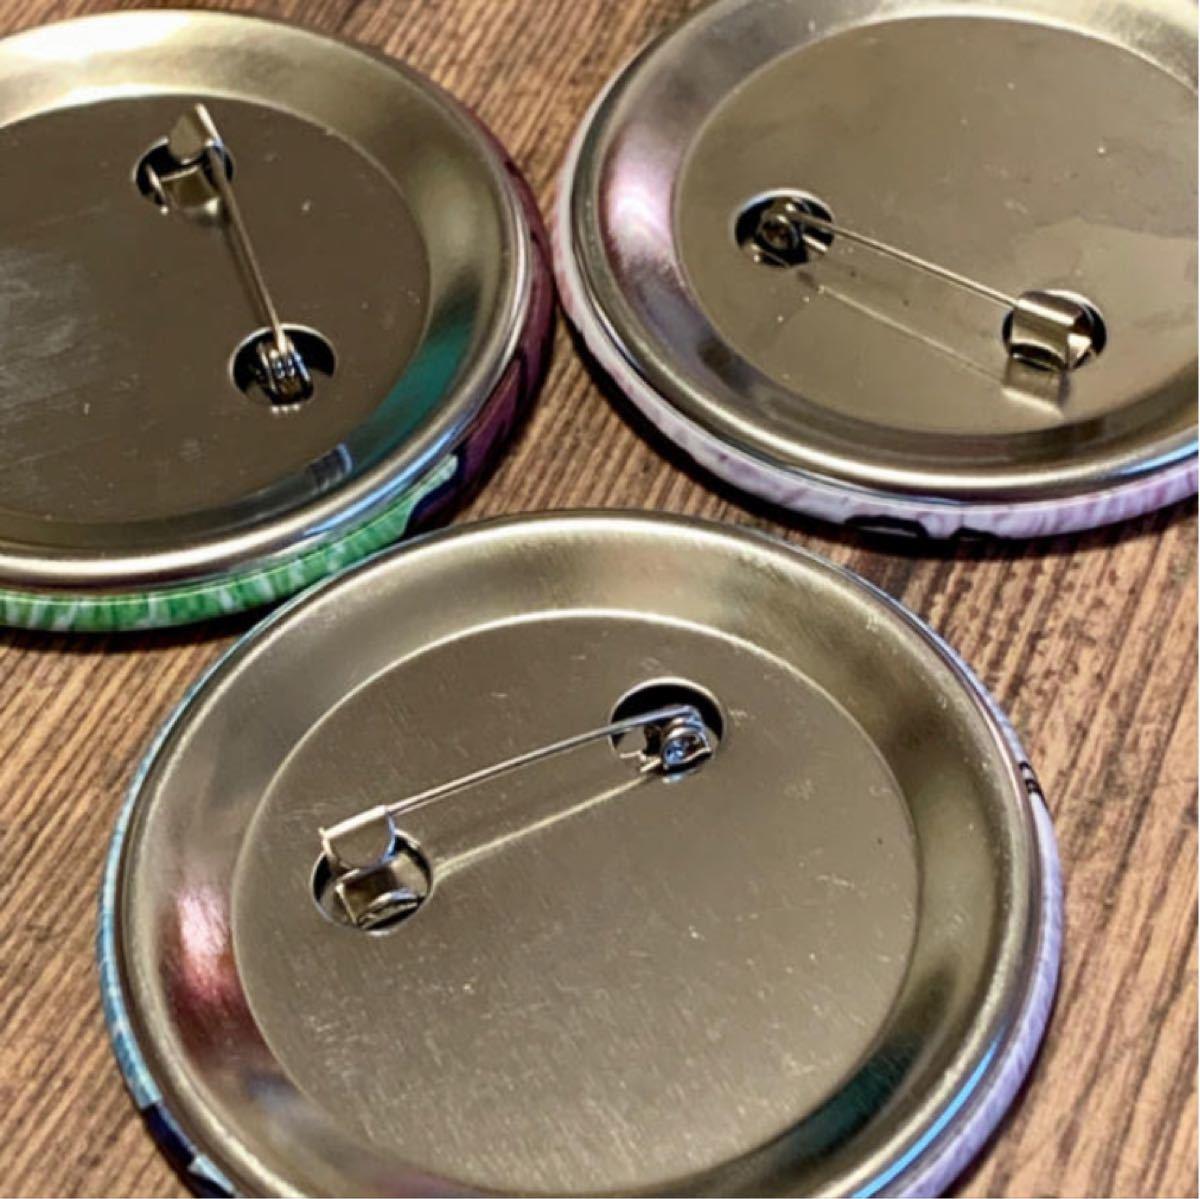 【胡蝶 しのぶ/5点セット】鬼滅の刃 缶バッジ&アクリルキーホルダー